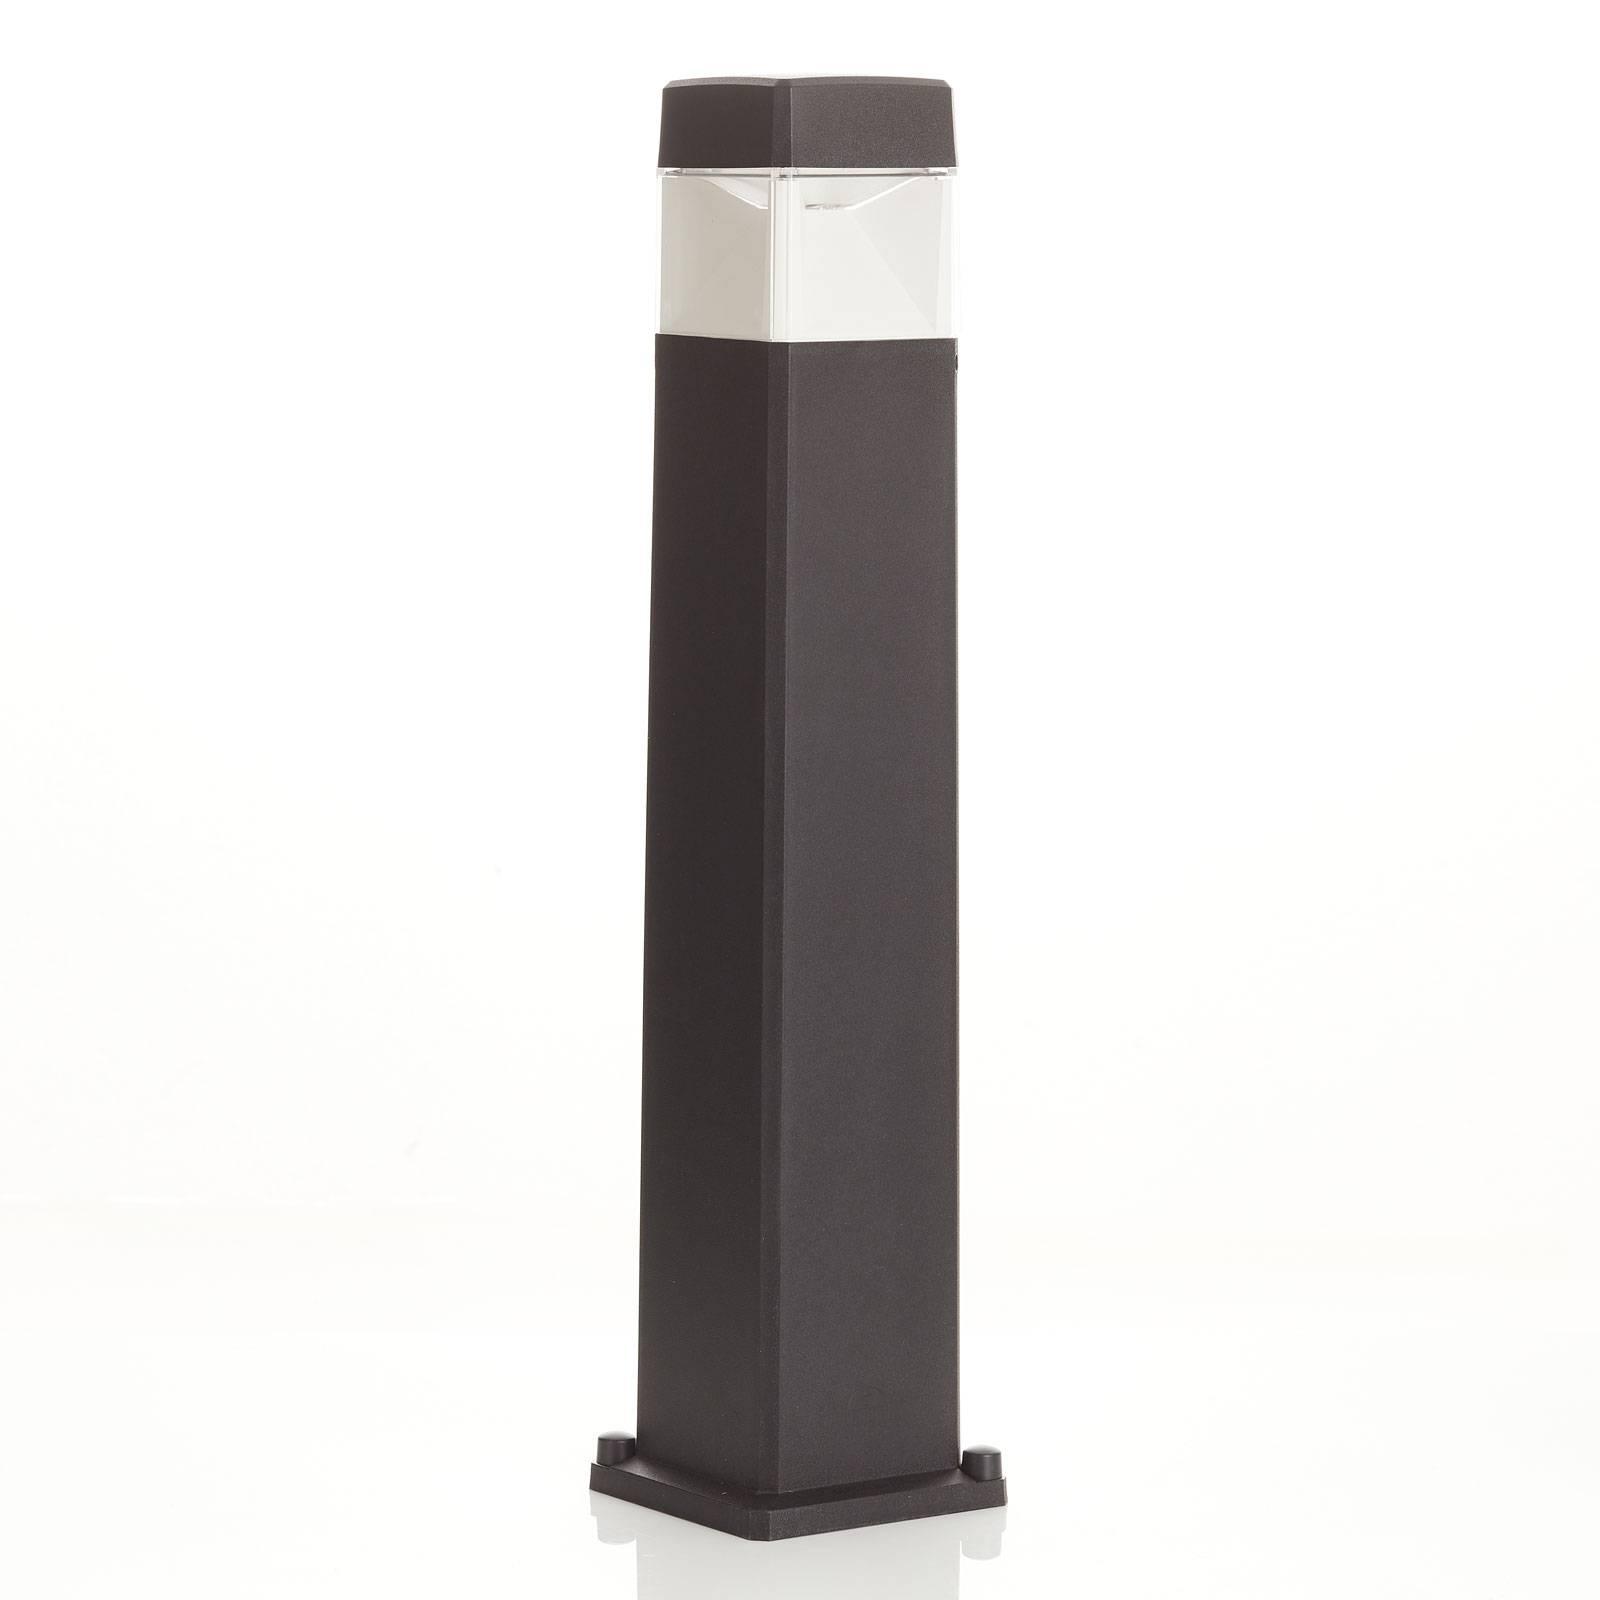 Słupek oświetleniowy LED Elisa 800, czarny 10W CCT